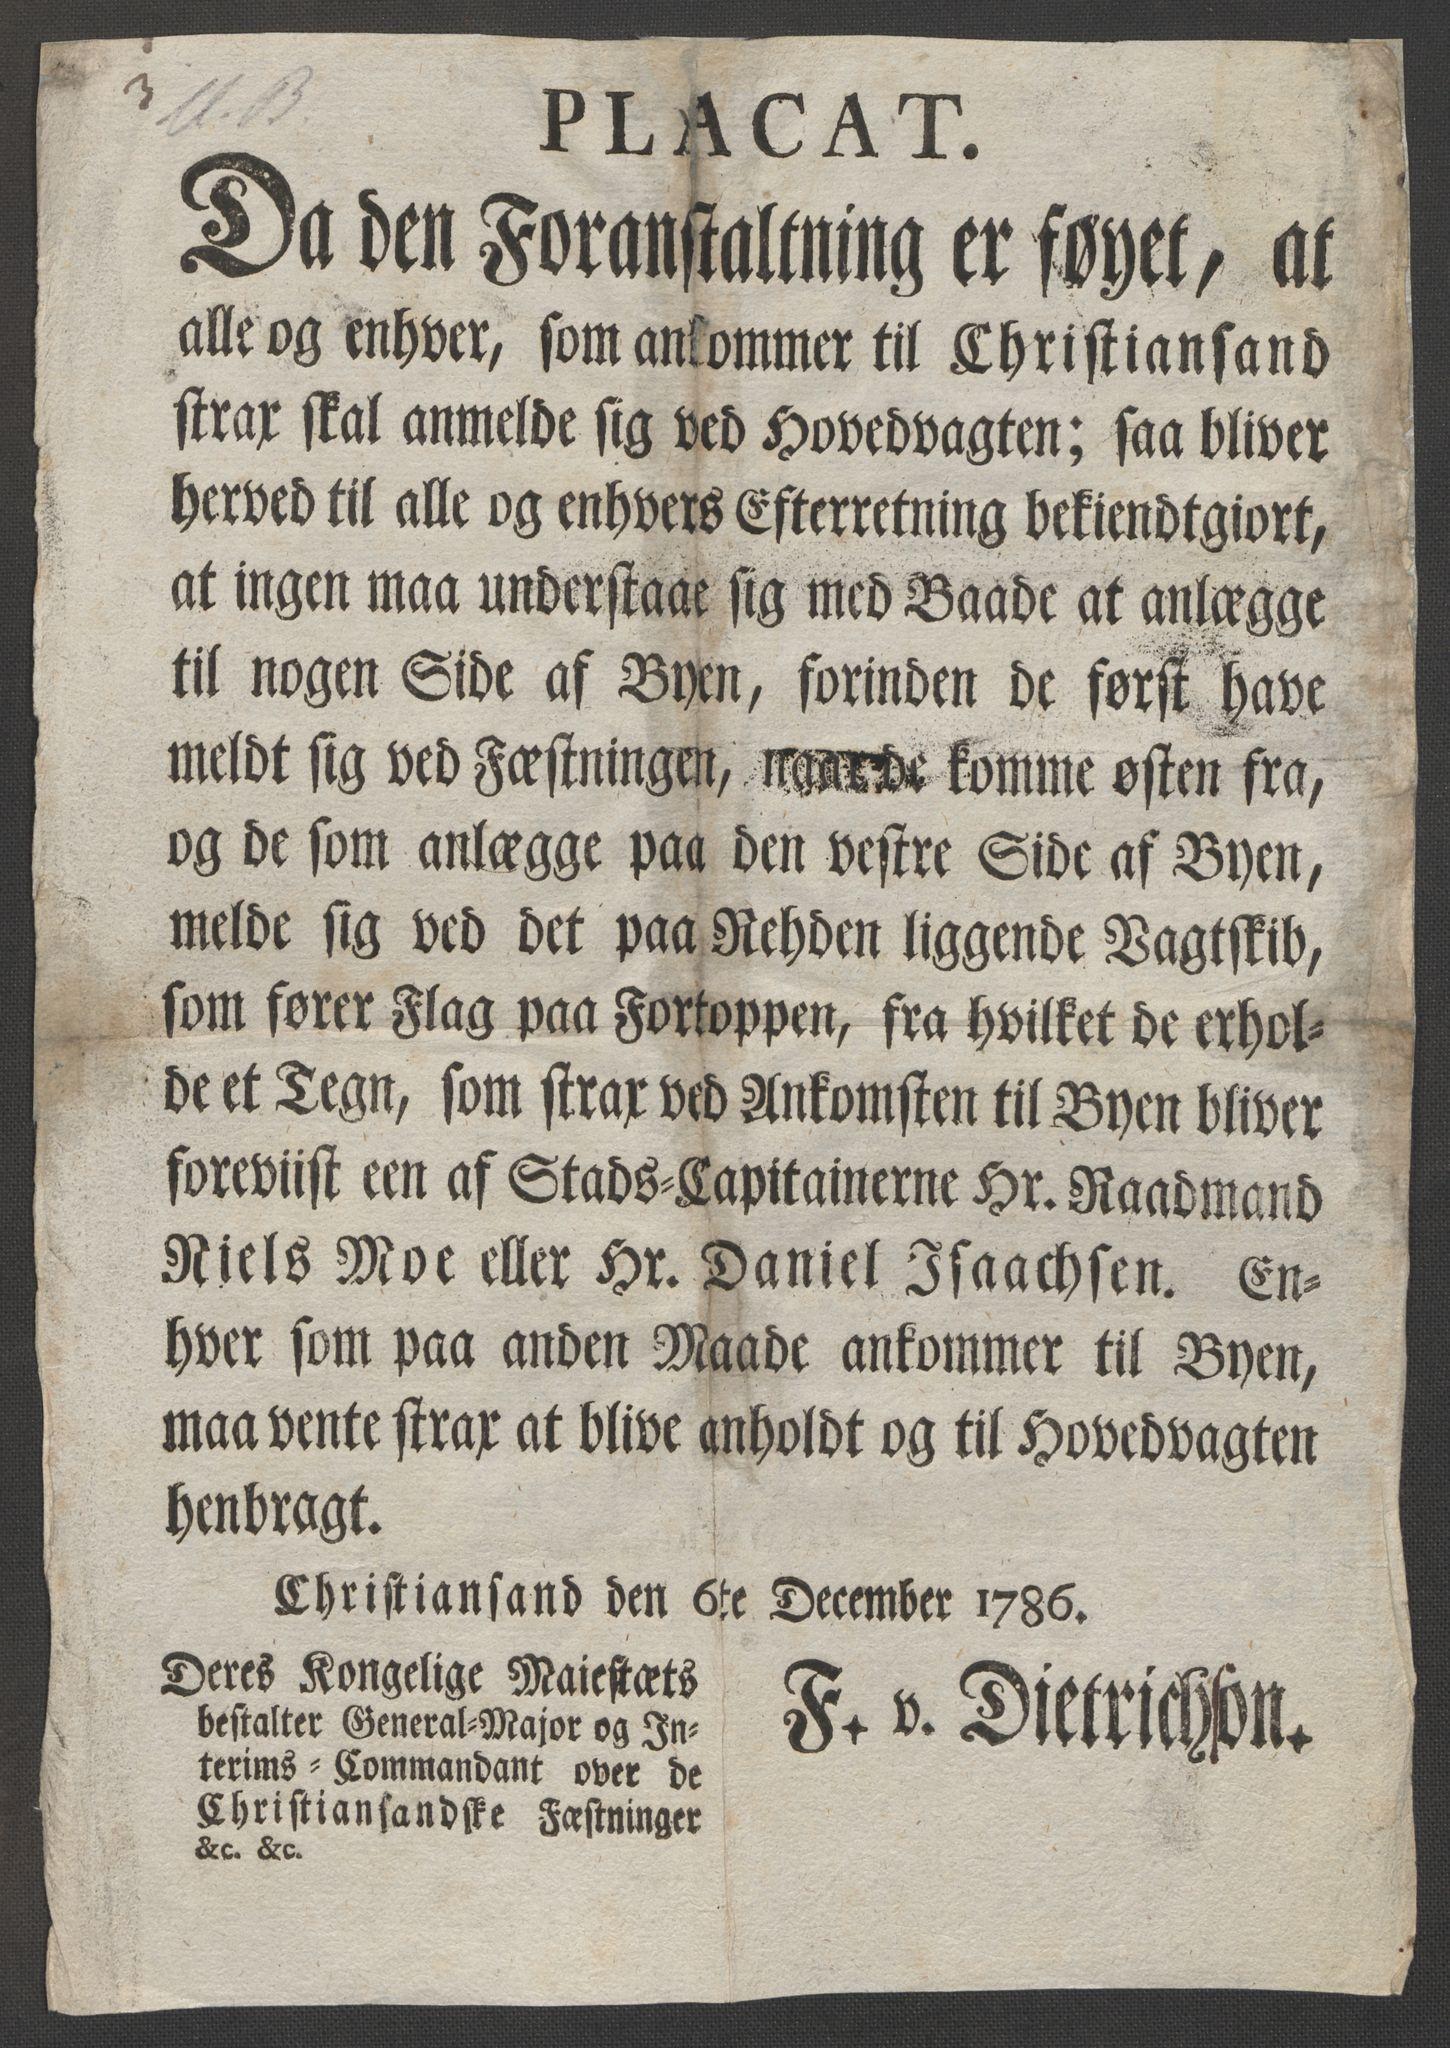 RA, Danske Kanselli, Skapsaker, F/L0095: Skap 16, pakke 7 I, 1785-1786, s. 244